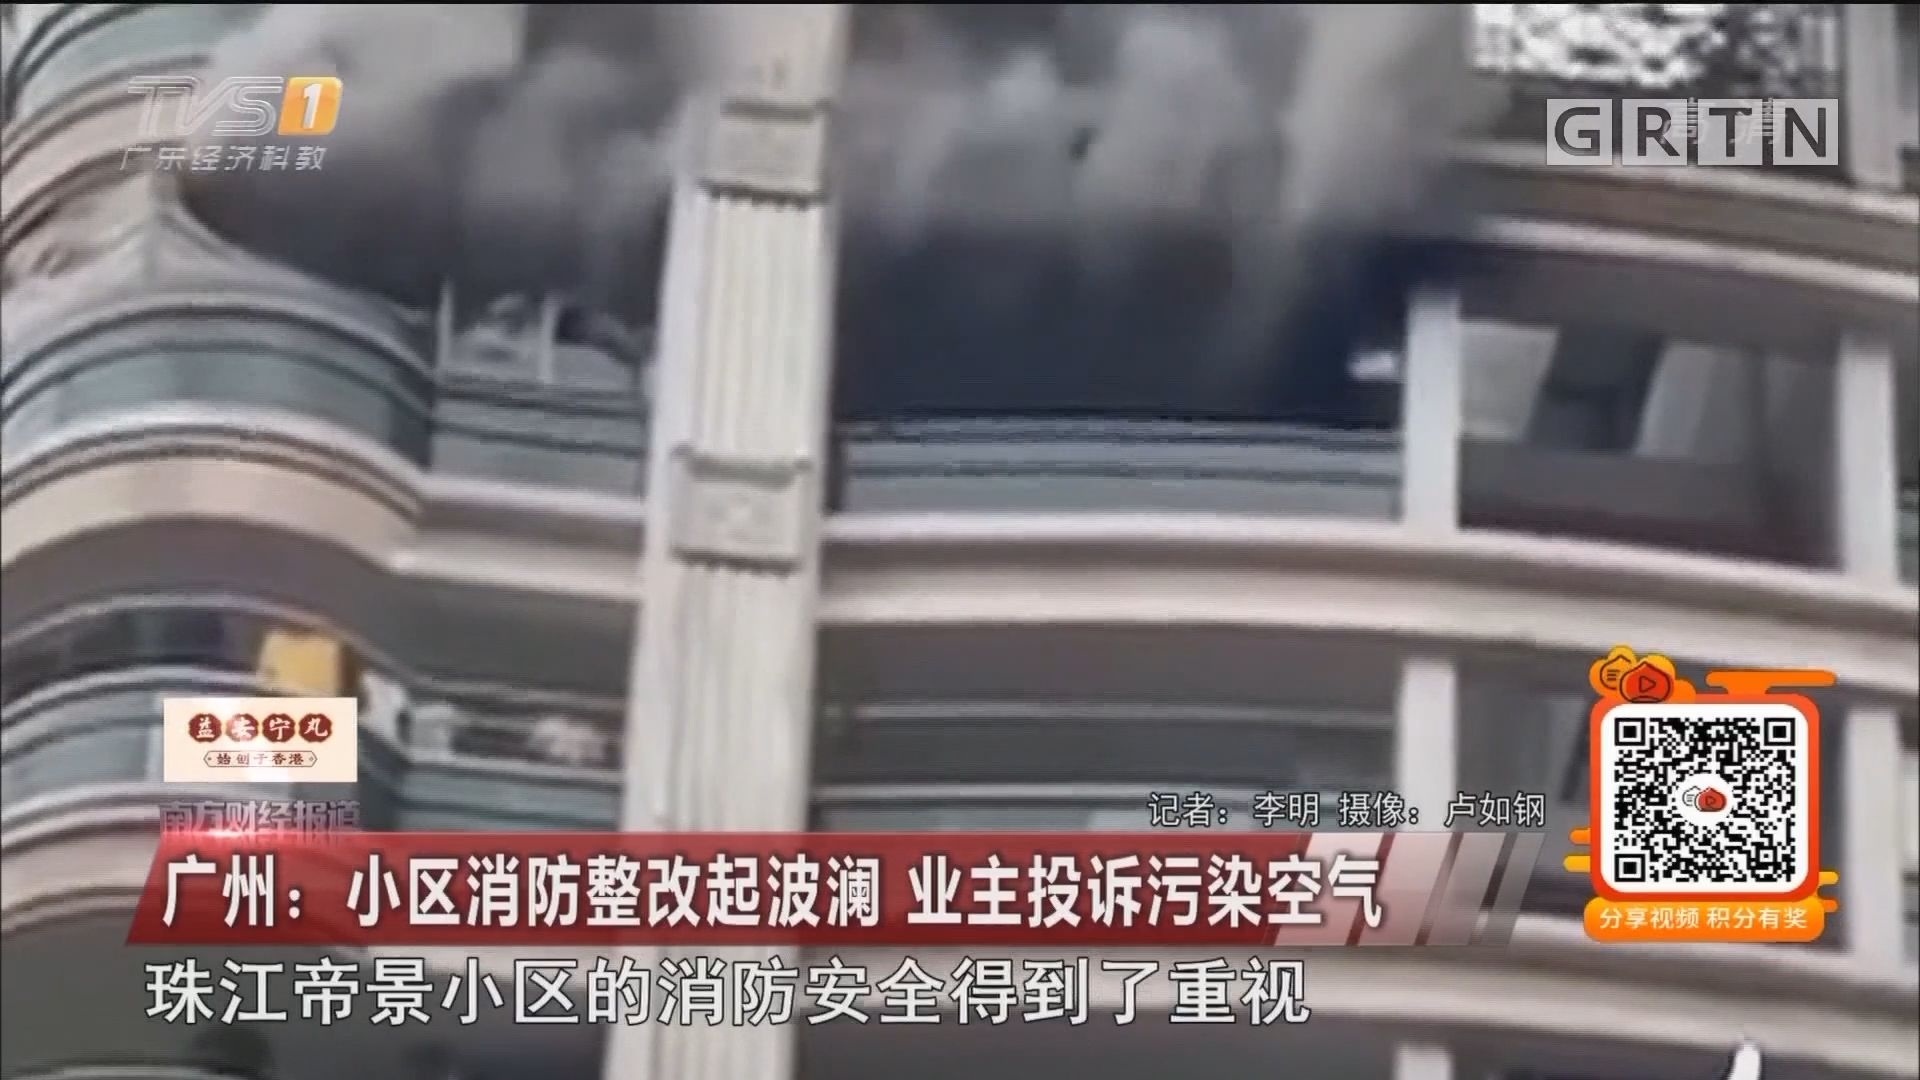 广州:小区消防整改起波澜 业主投诉污染空气